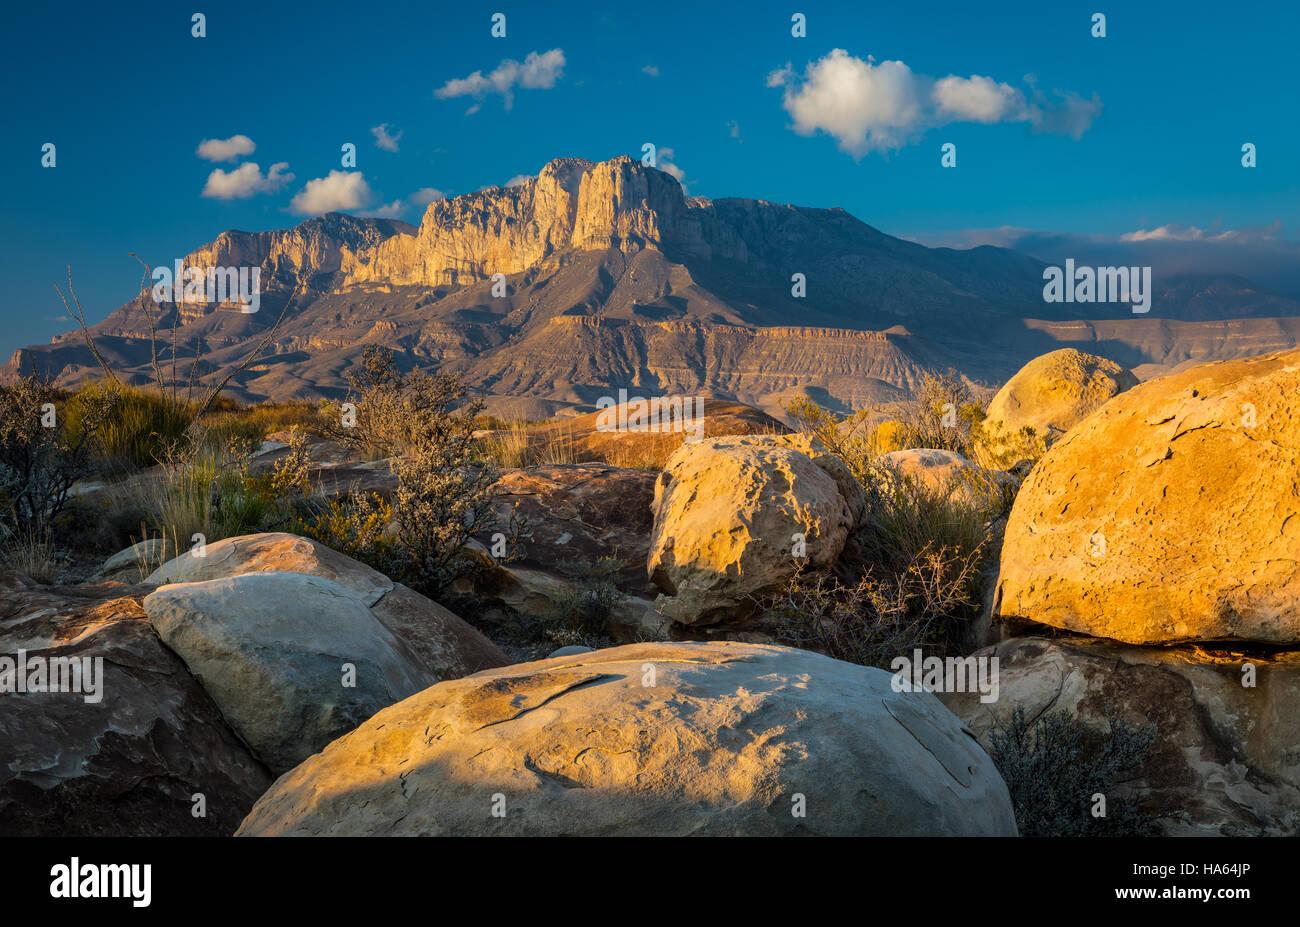 El Capitan è un picco in Culberson County, Texas, Stati Uniti, nel Parco Nazionale delle Montagne Guadalupe Immagini Stock